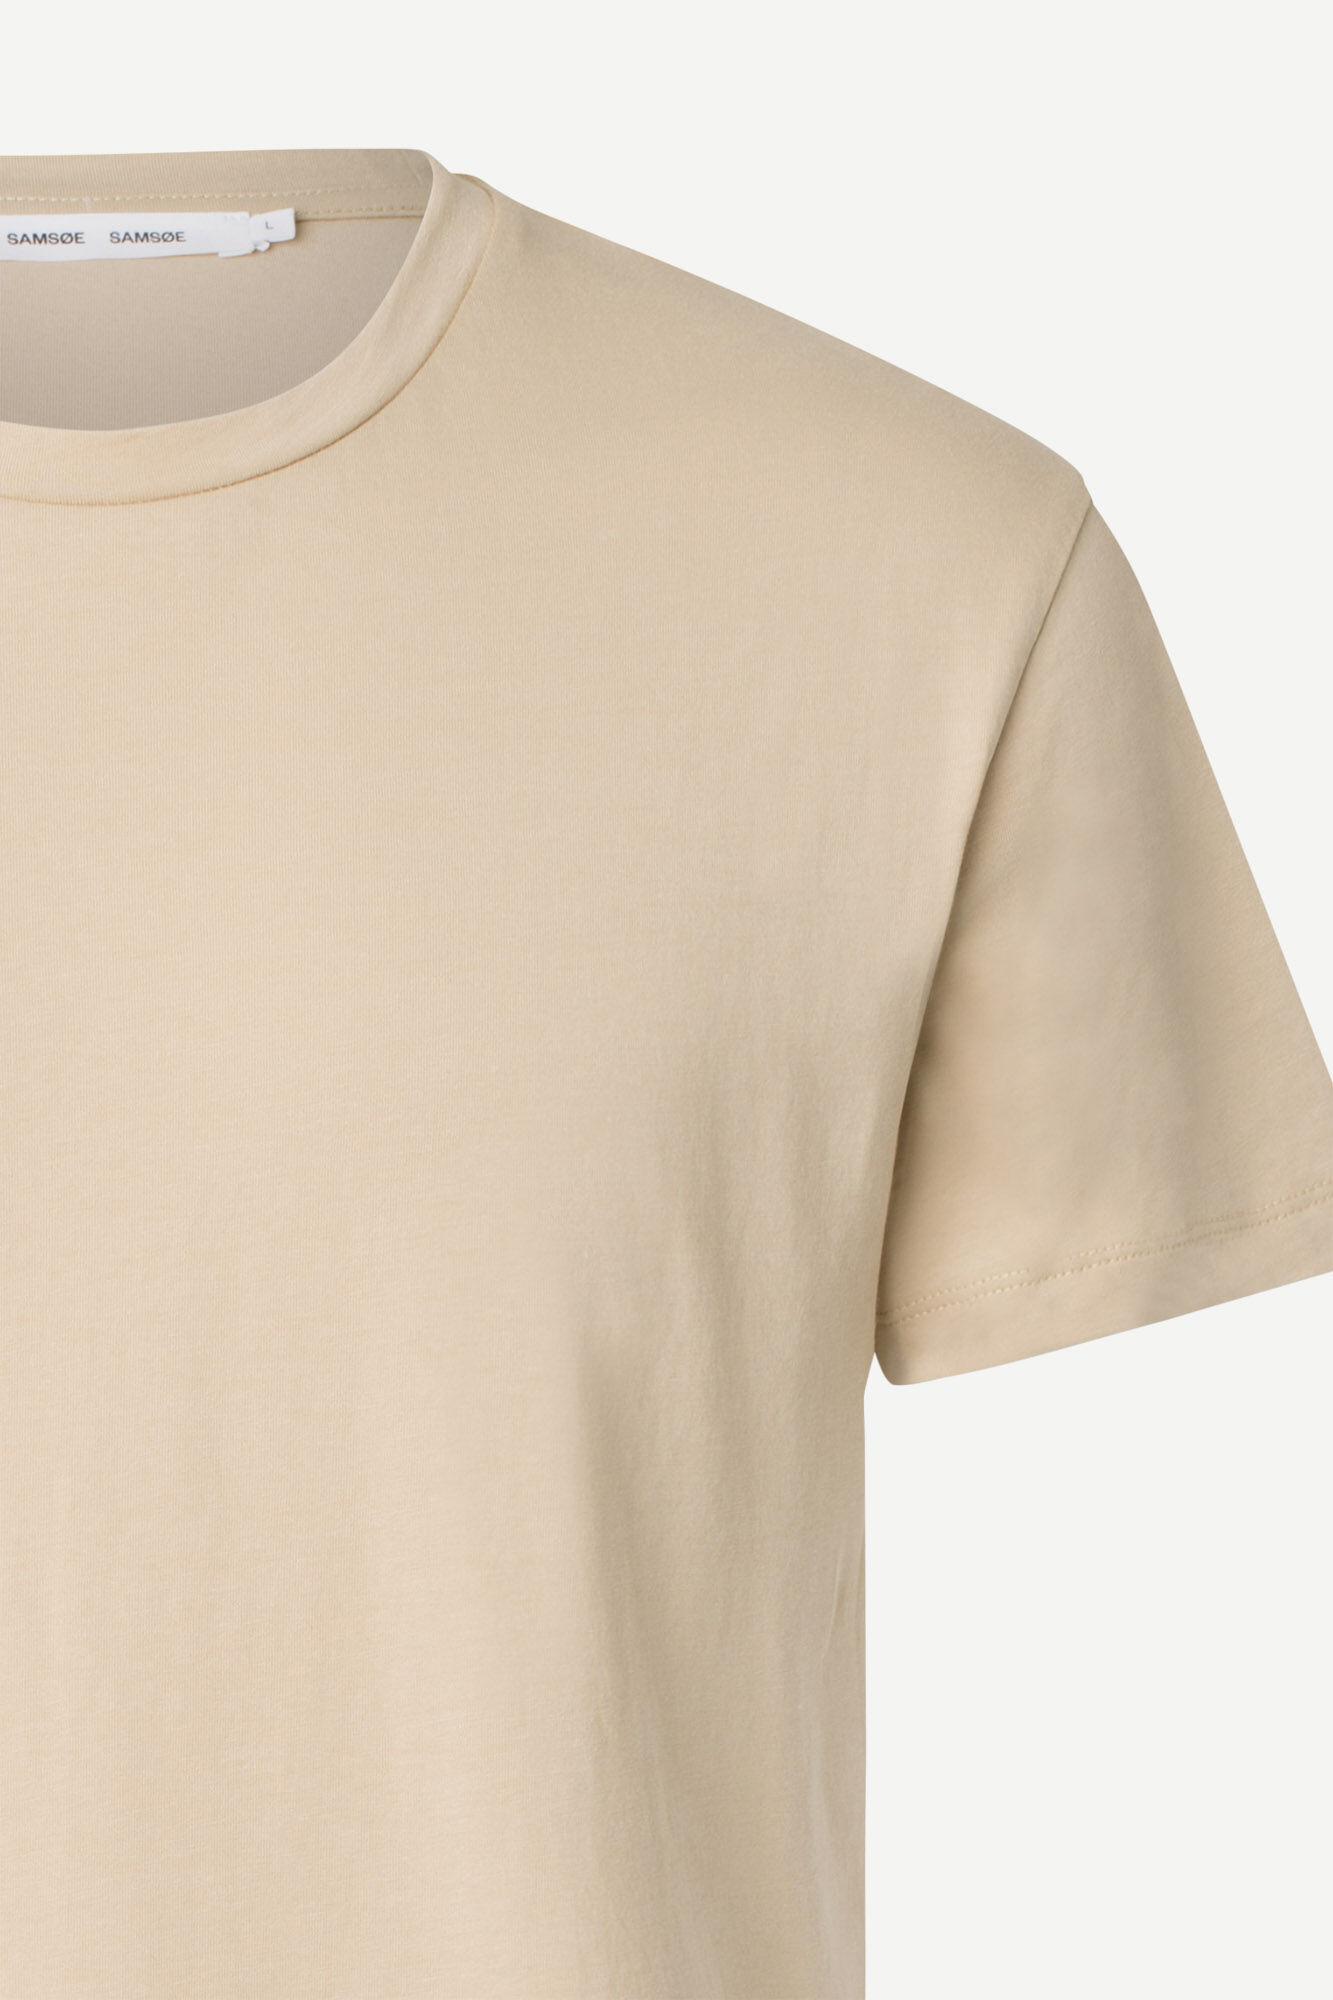 Samsøe & Samsøe Kronos O-N S/S t-shirt, humus, medium